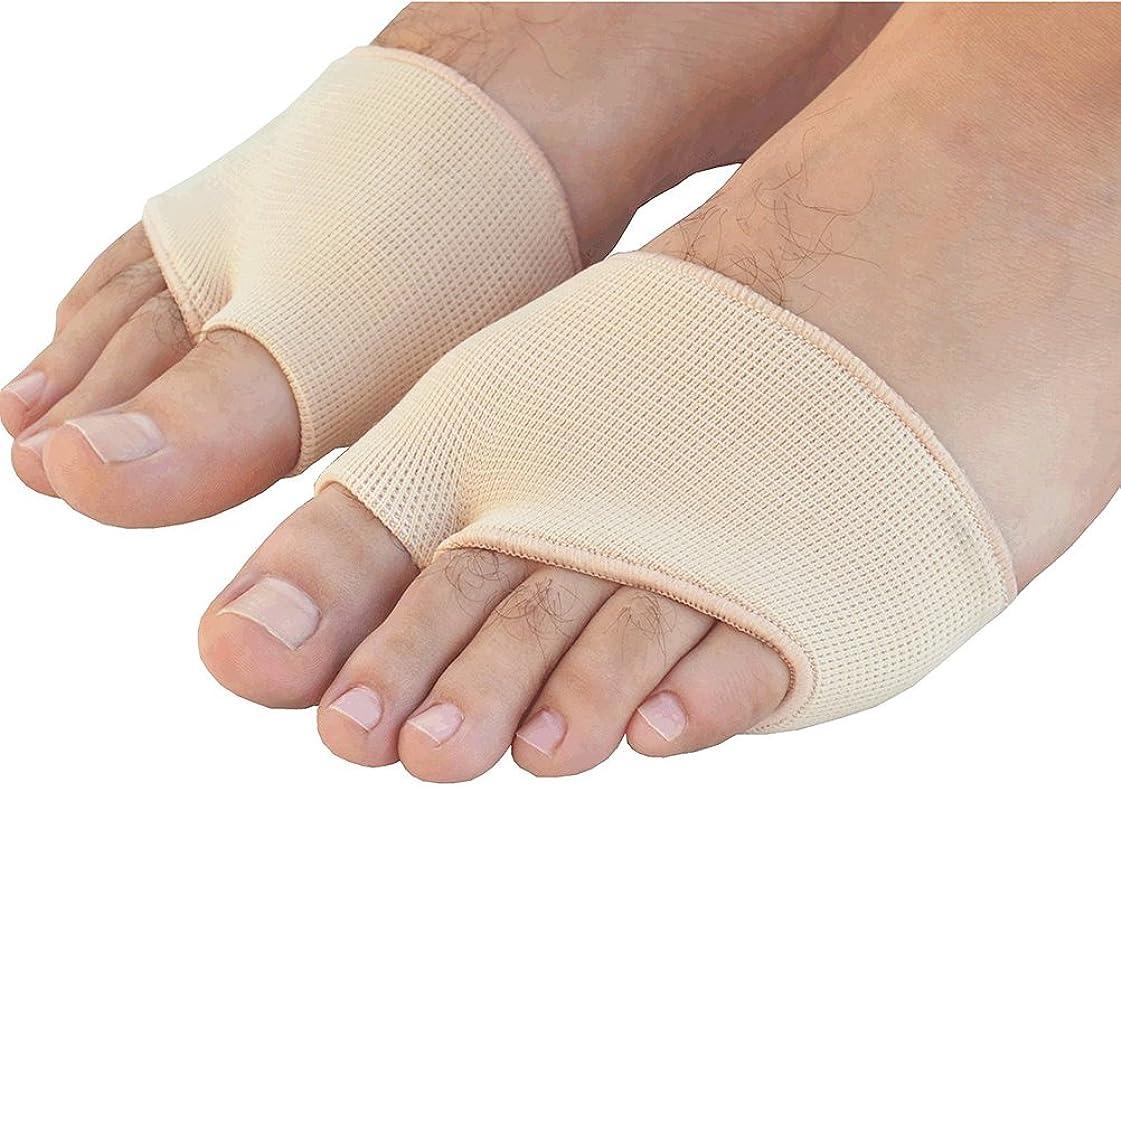 直感考案する苦痛ROSENICE ゲル前足中足骨の痛み救済吸収クッション パッド 足底筋膜炎インソール 衝撃吸収 サイズS(肌の色)